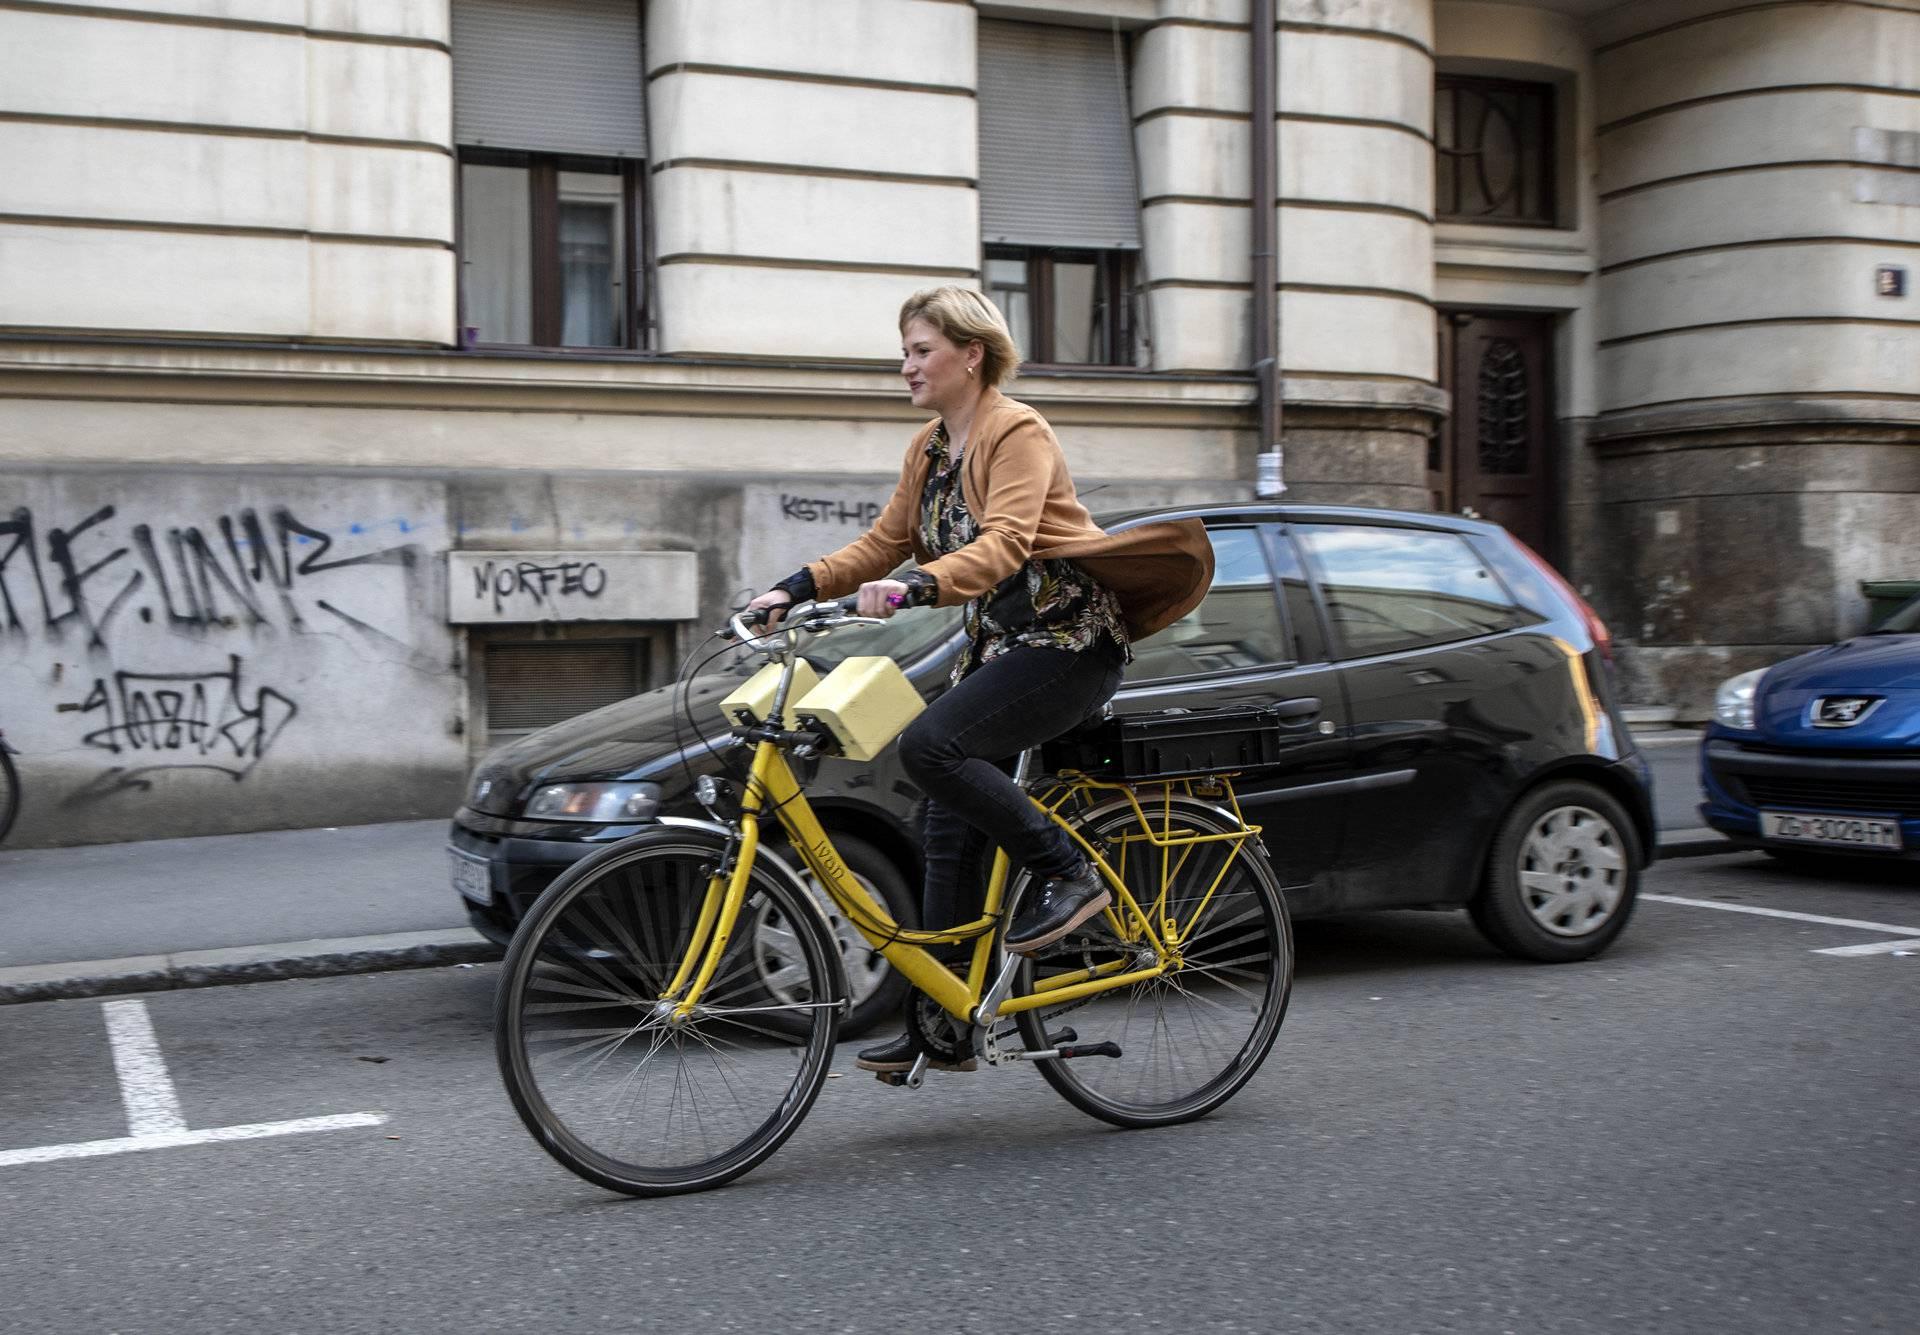 Svečani start soničnih bicikala: Provjerite kako zvuči Zagreb